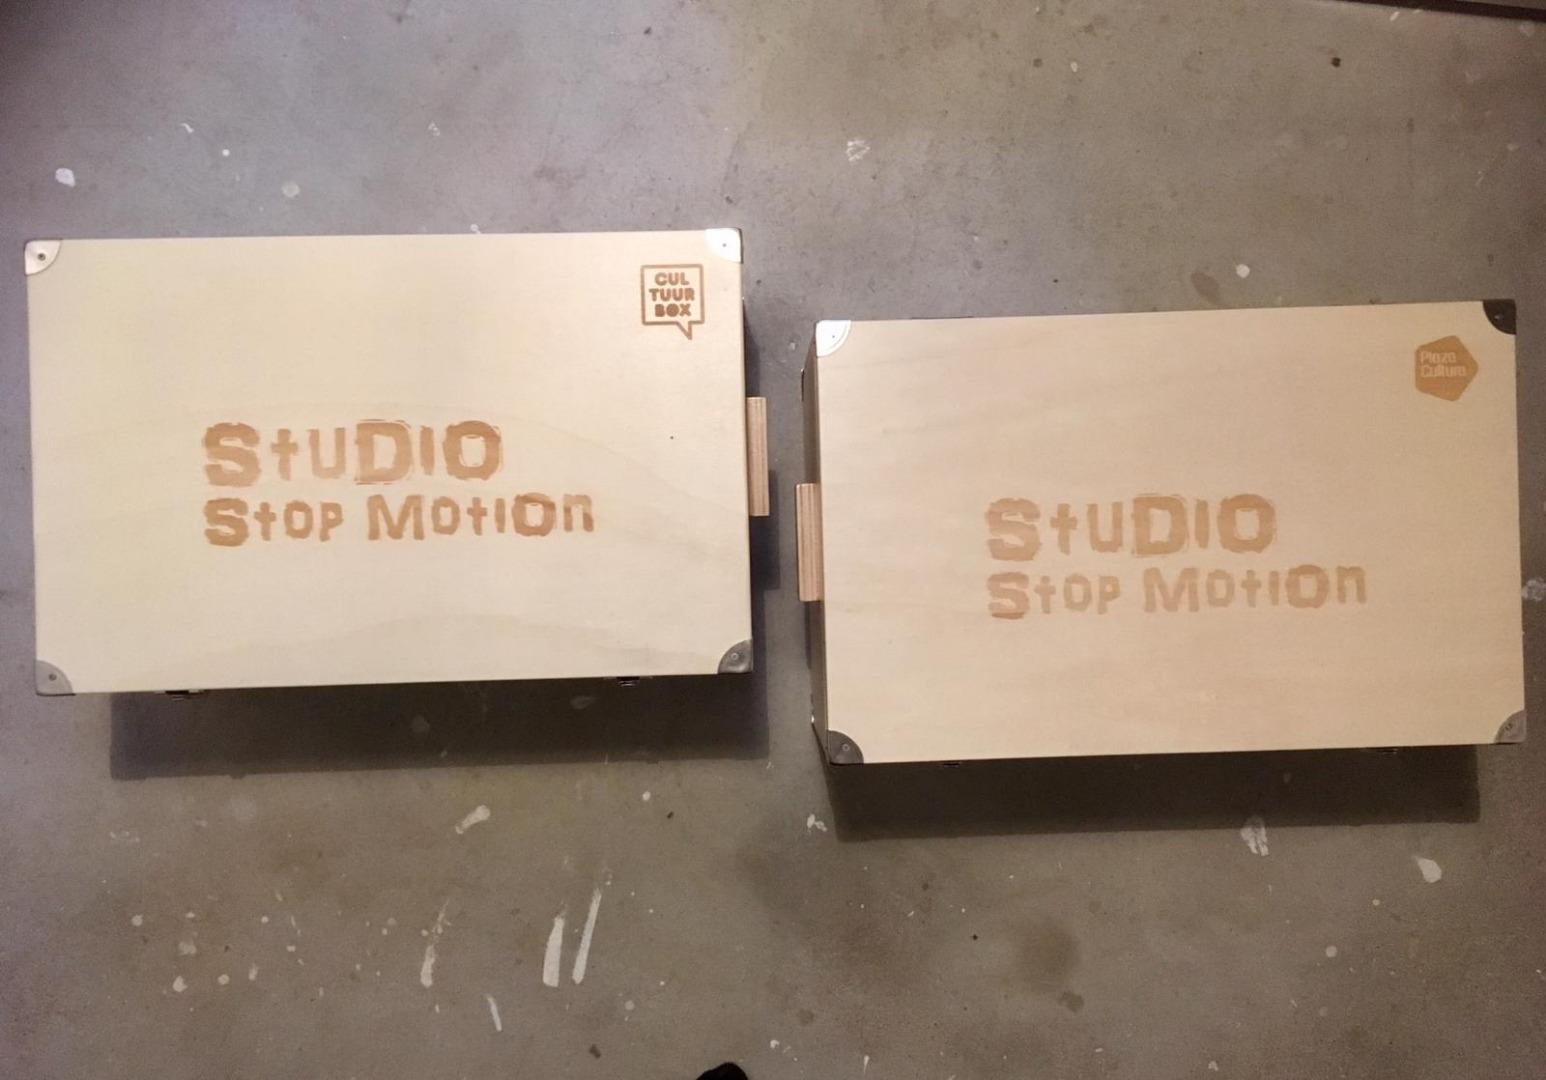 Studio stop motion